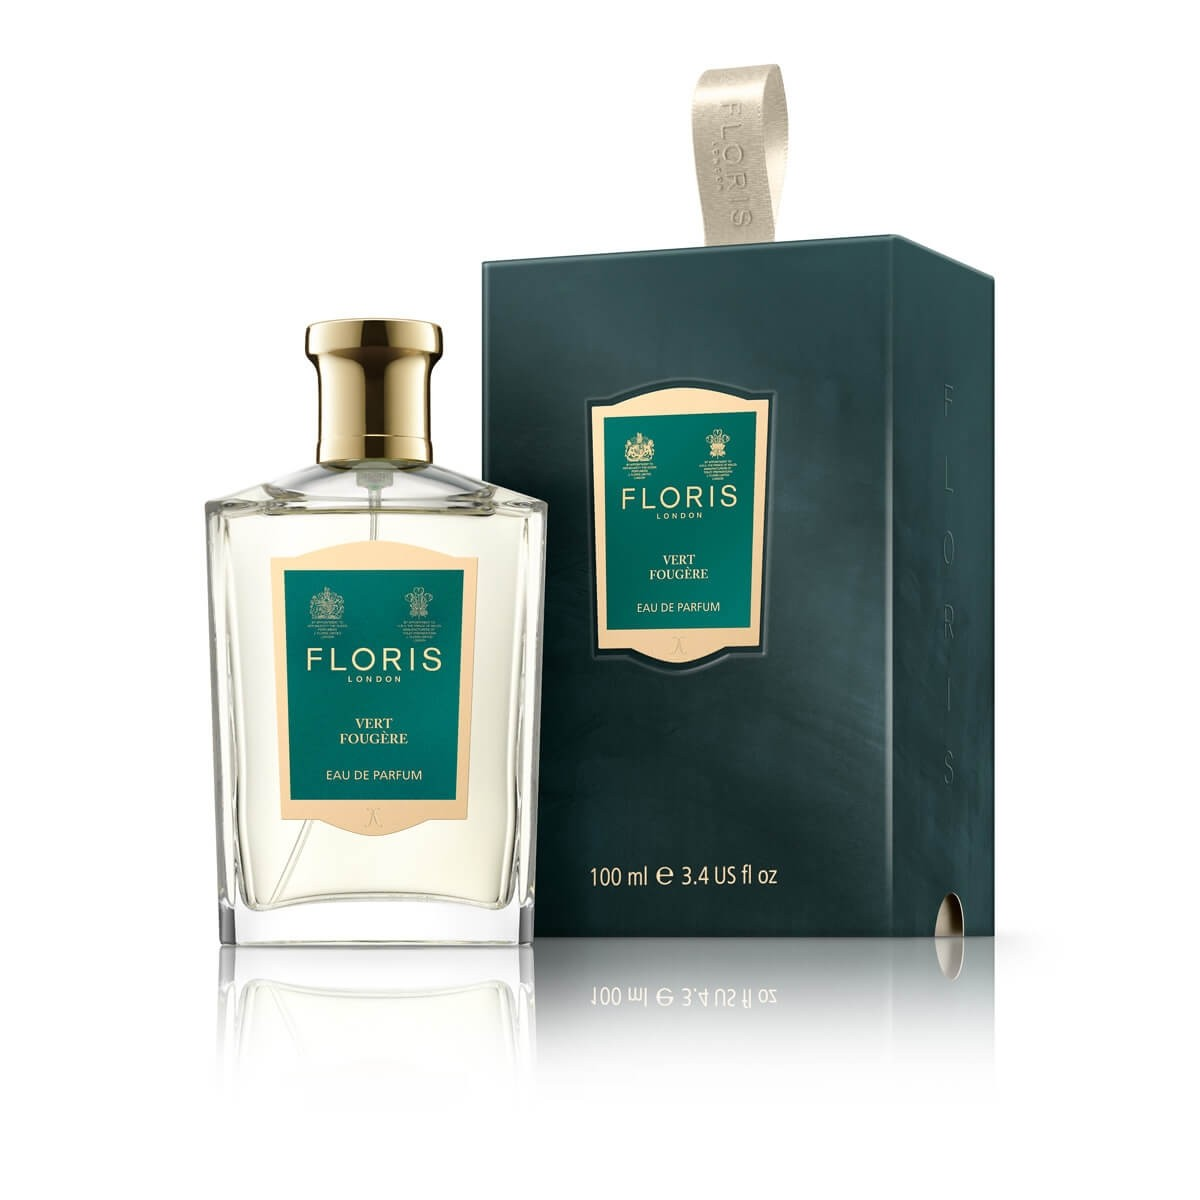 Floris Vert Fougere Eau de Parfum 100 ml